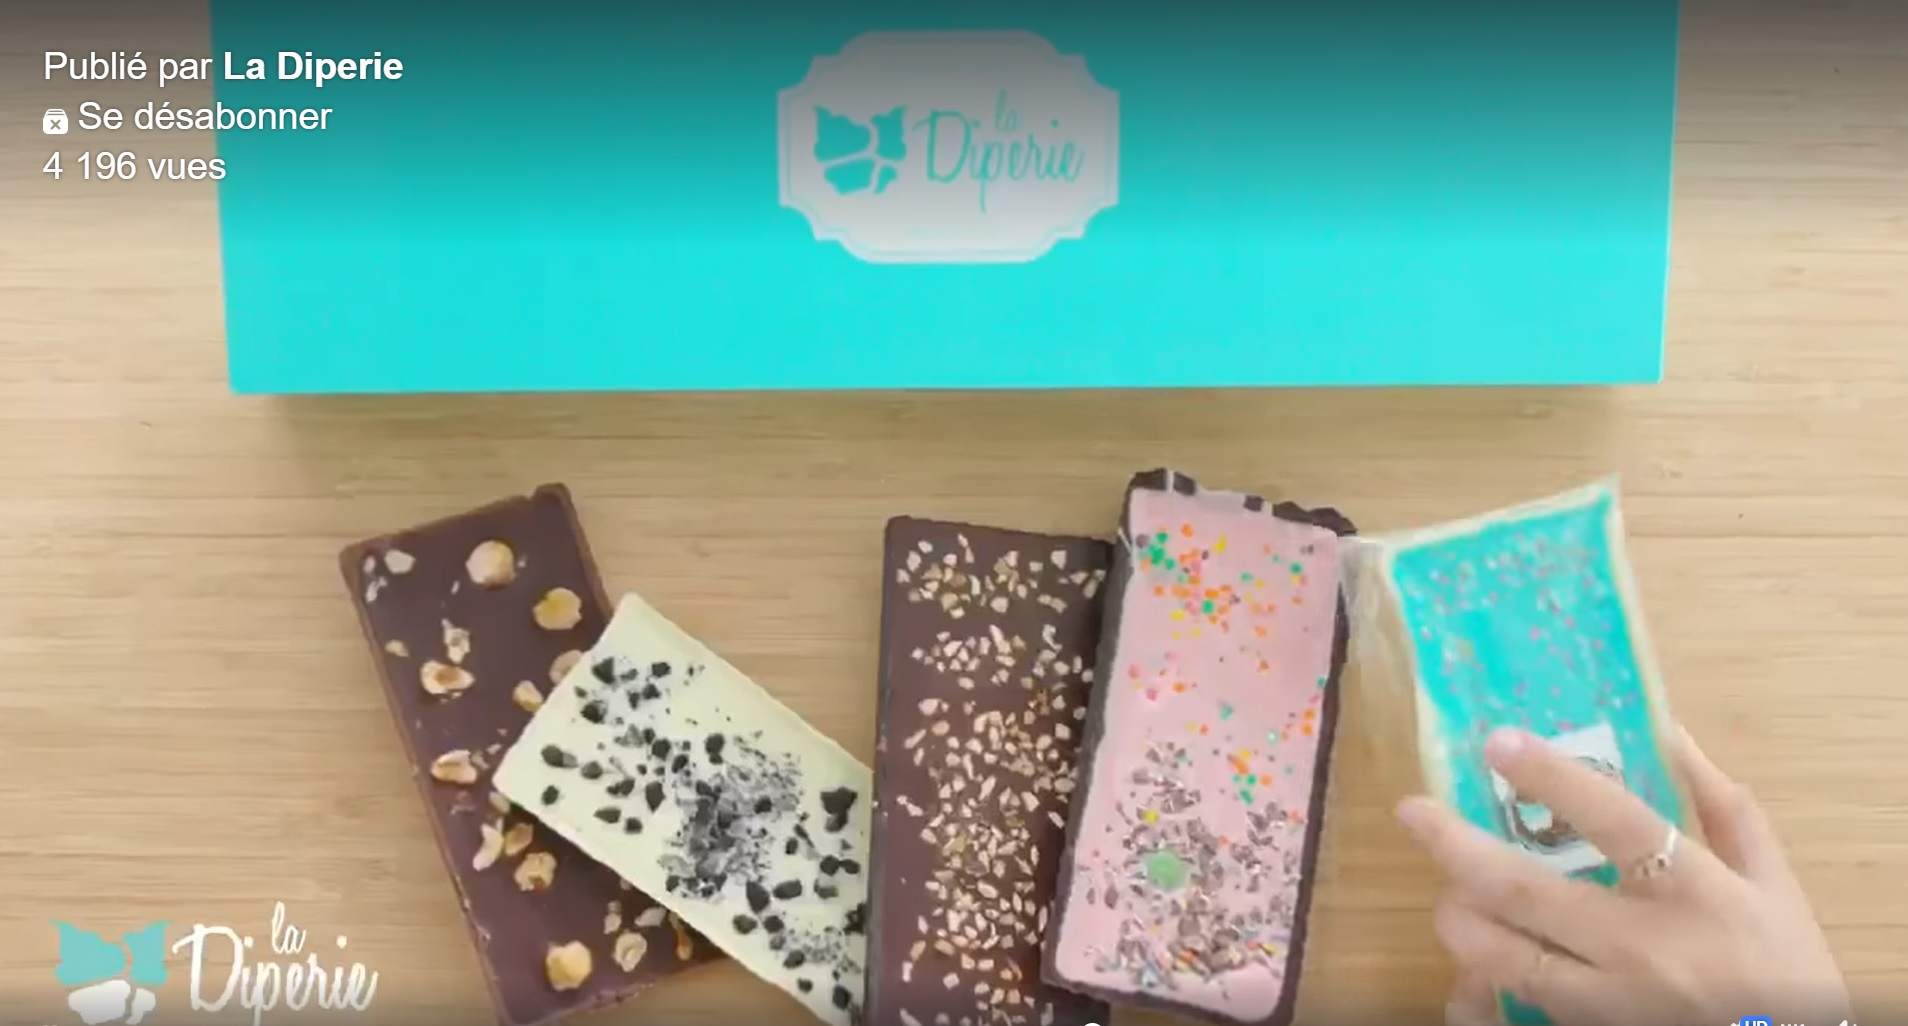 Barres de chocolat personnalisées | Diperie (La)